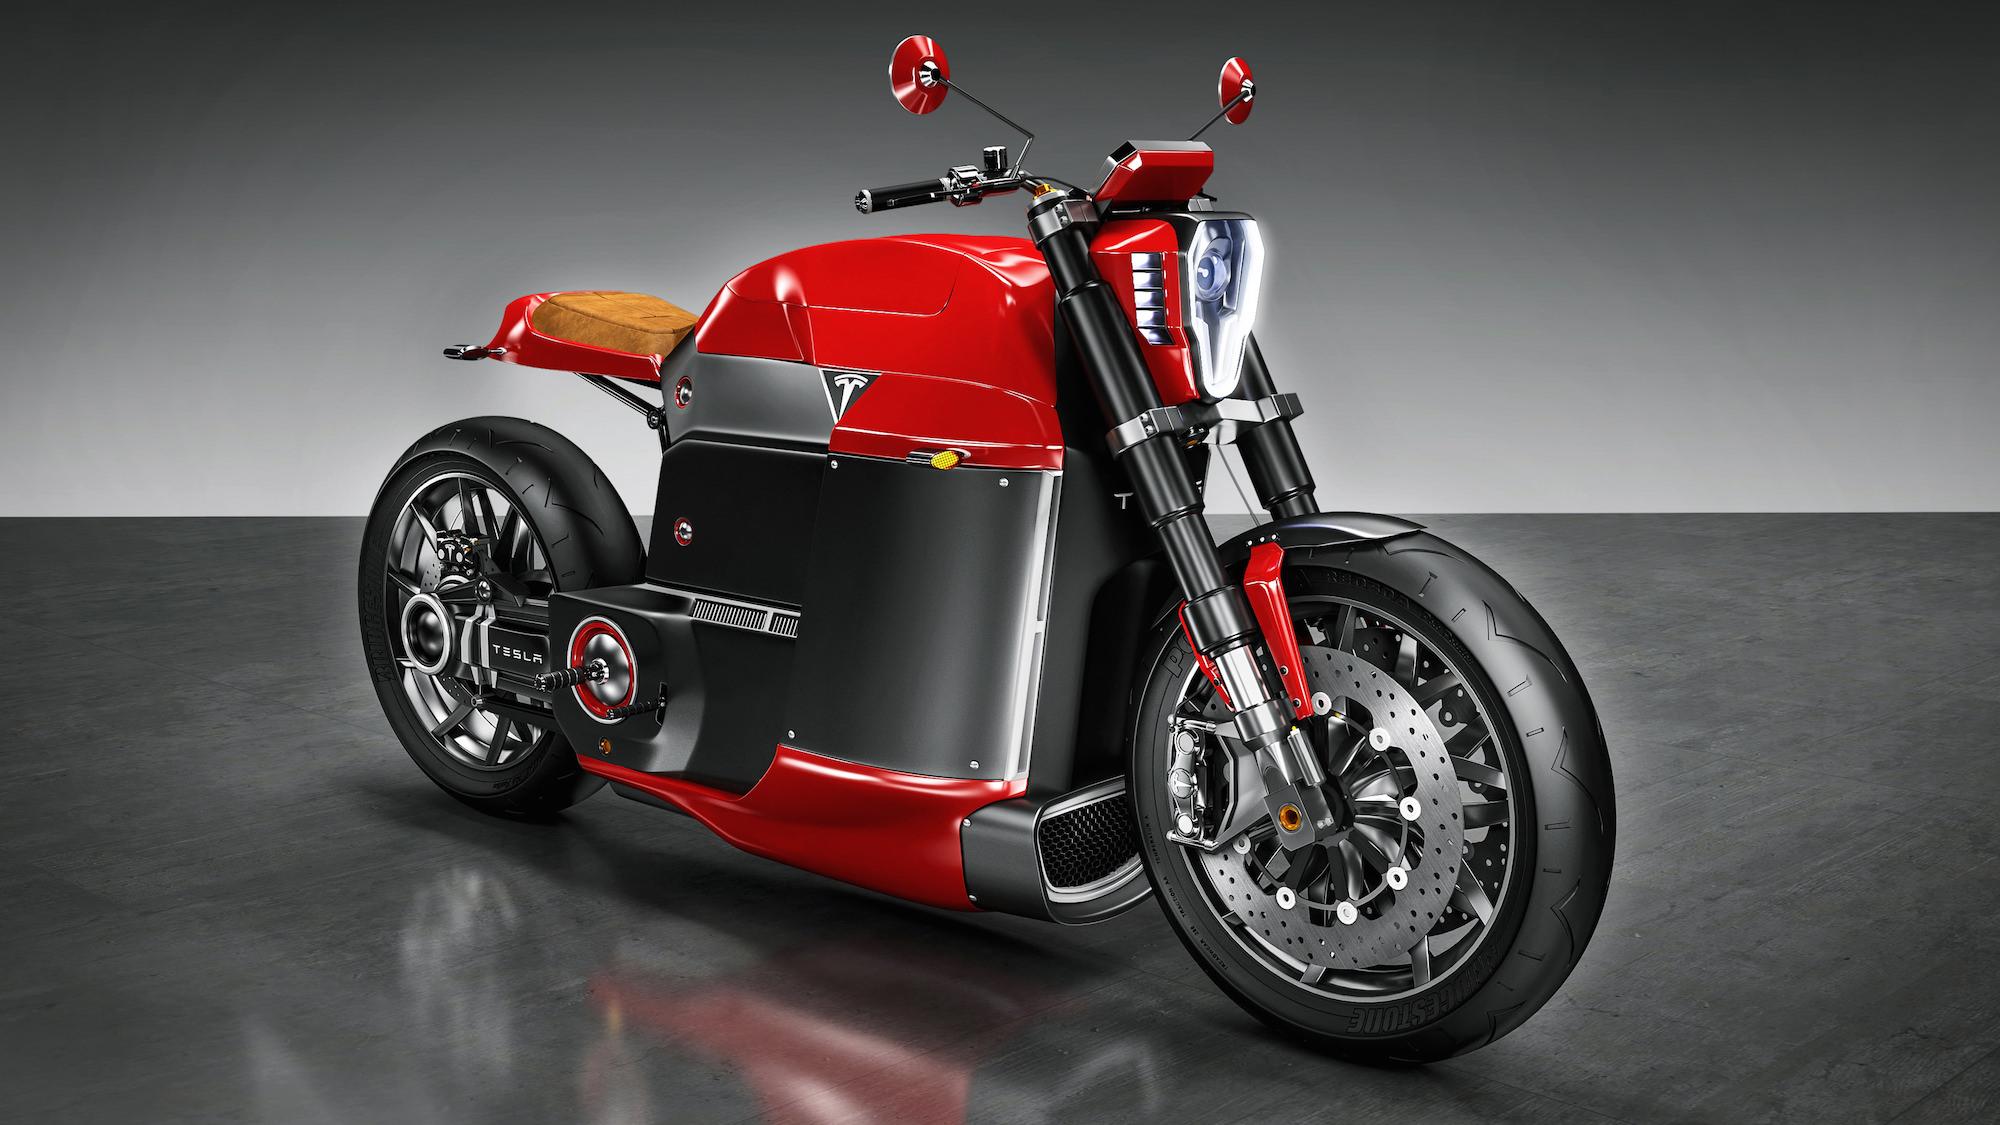 Tesla Motorcycle Concept - Tesla Model M 1